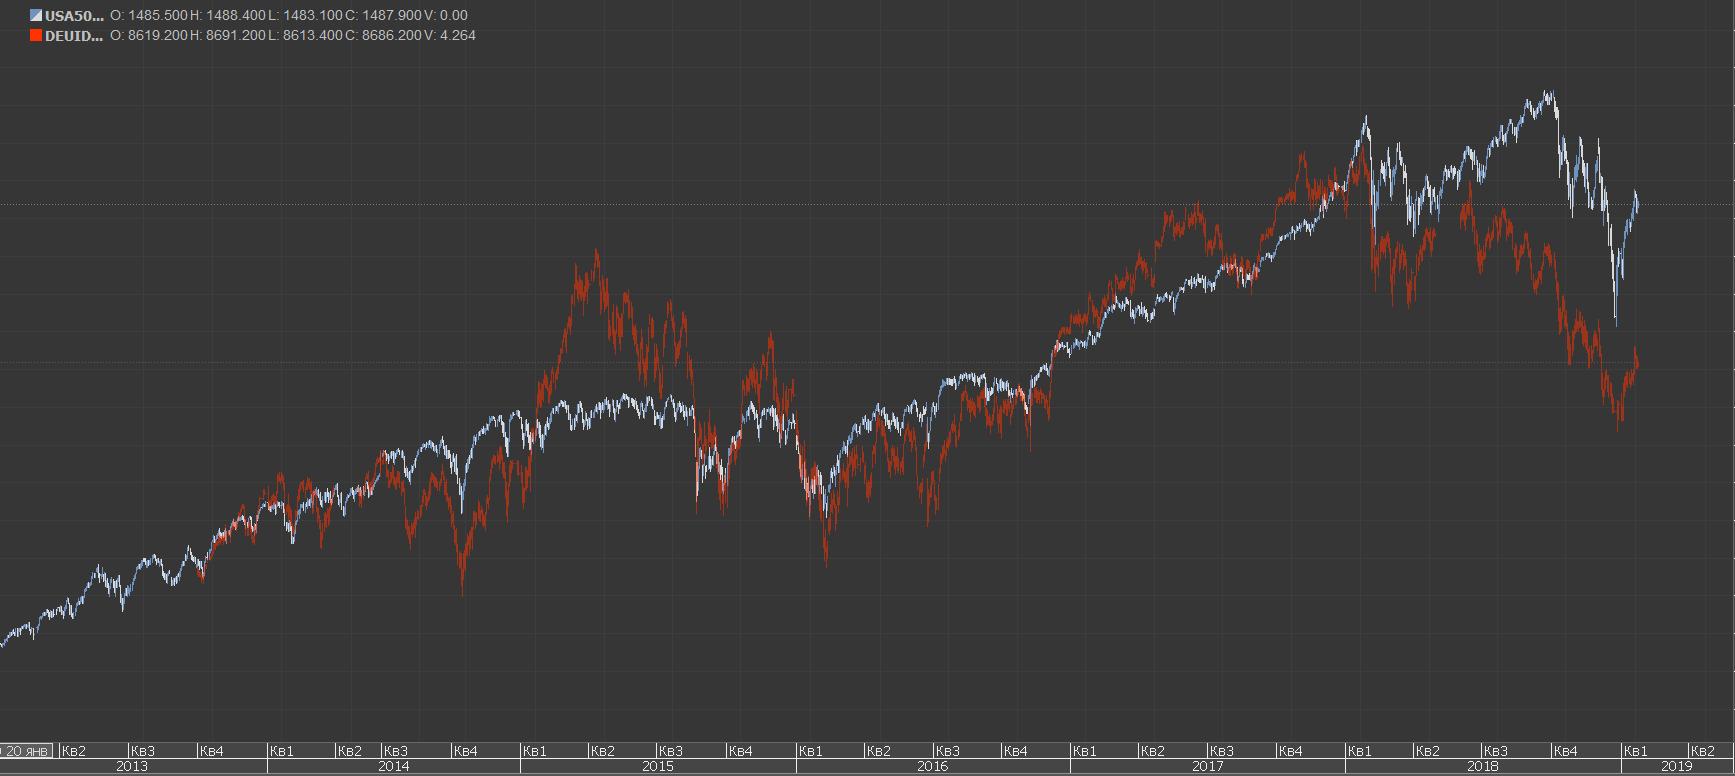 Американский индекс и немецкий